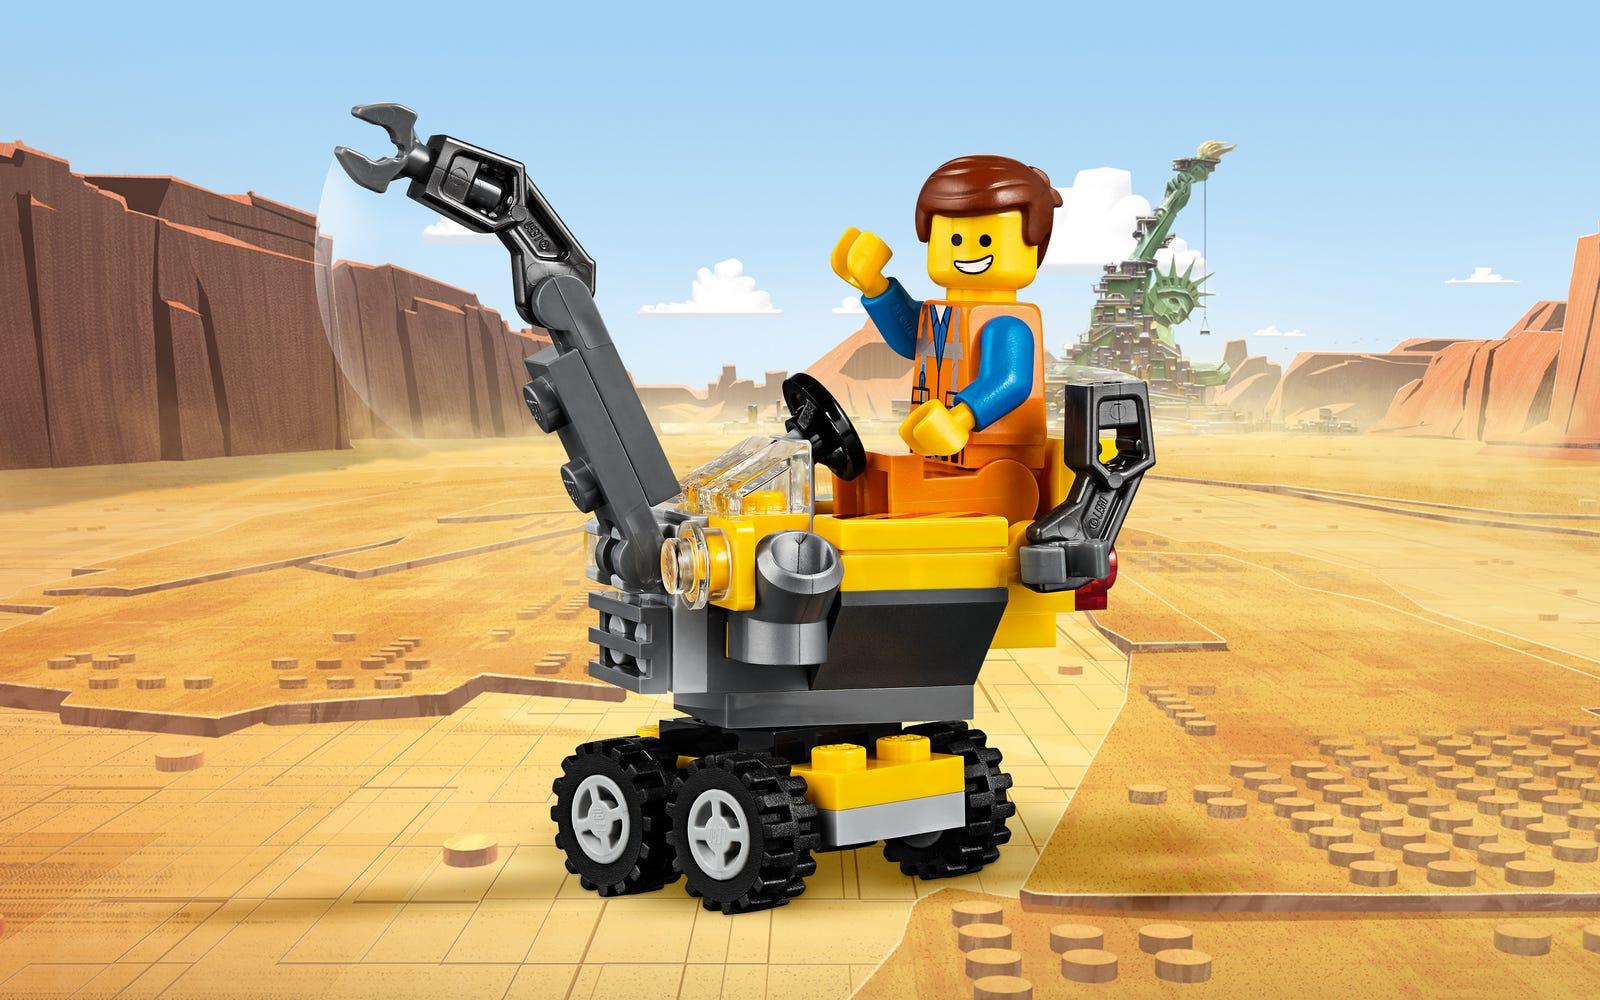 Emmet Rebuild as a Crane